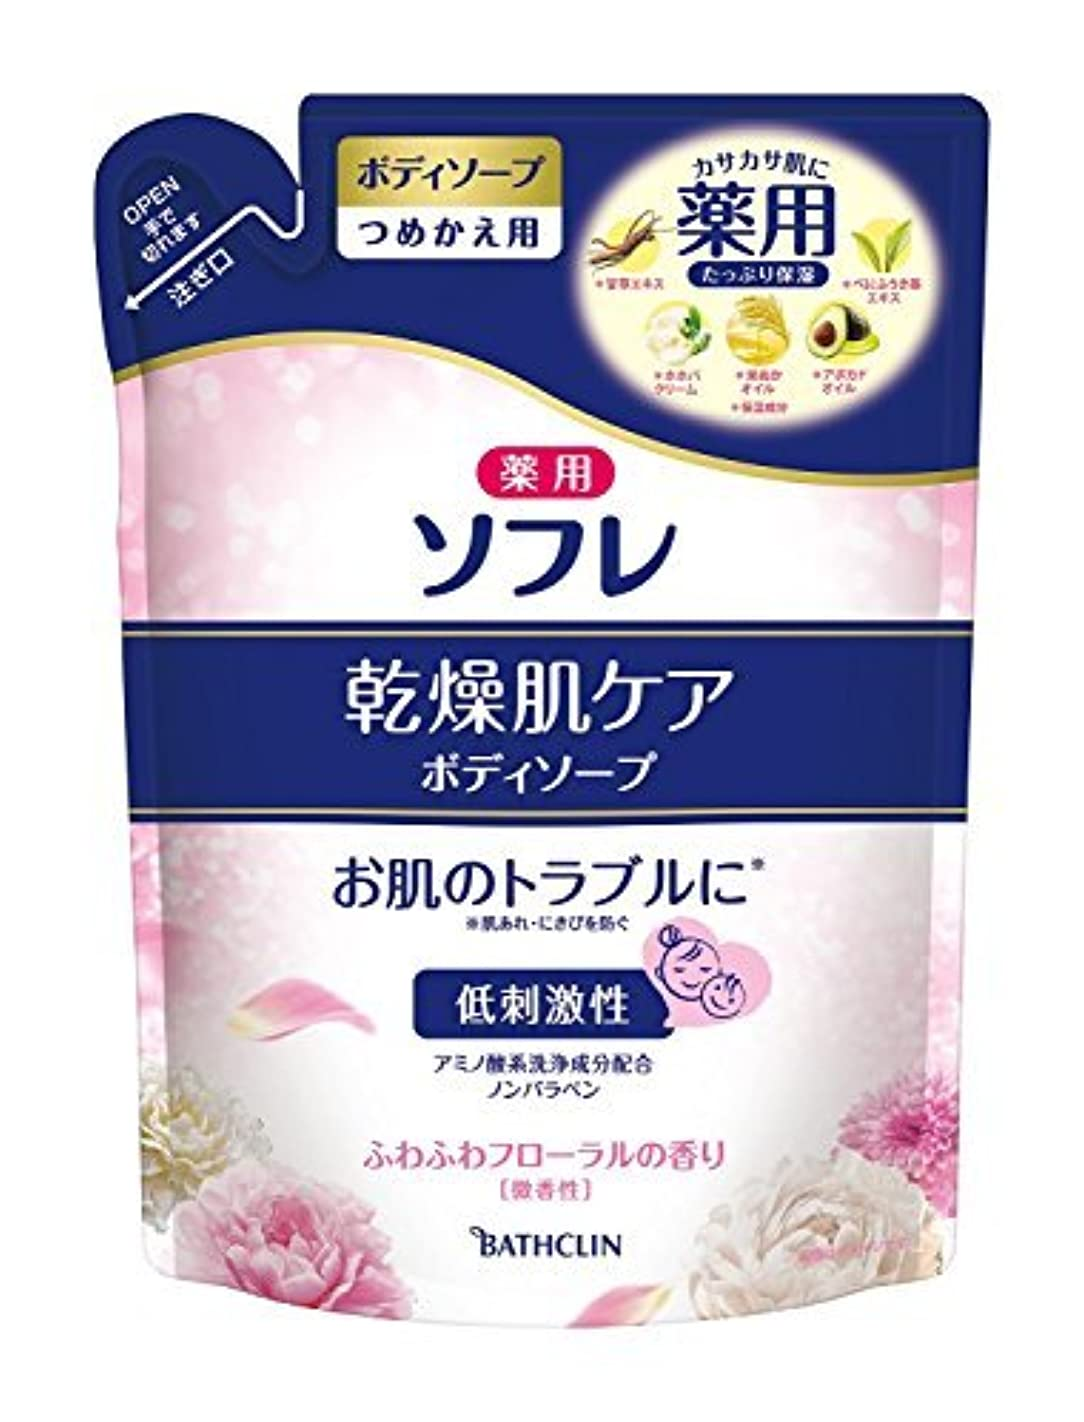 誘発するクールメイド薬用ソフレ 乾燥肌ケアボディ詰替 × 12個セット